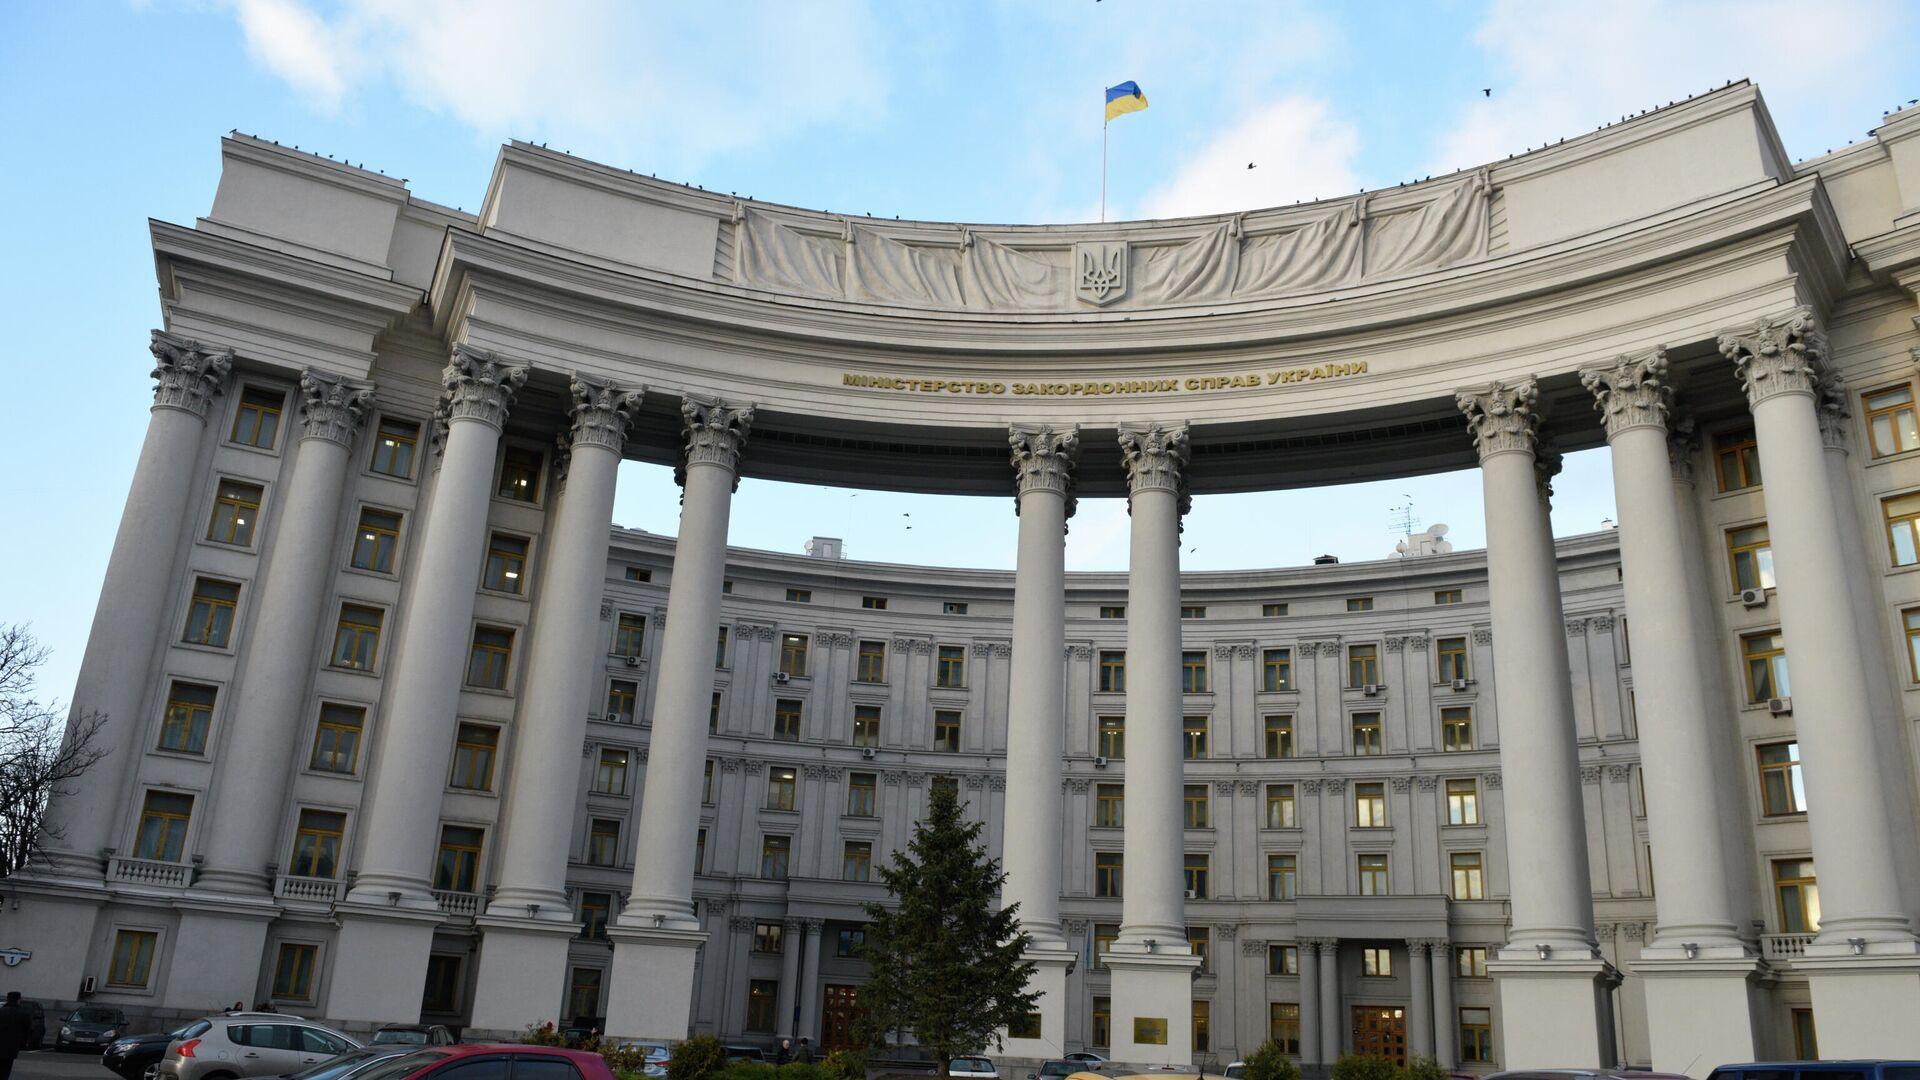 Здание министерства иностранных дел в Киеве - РИА Новости, 1920, 02.11.2020